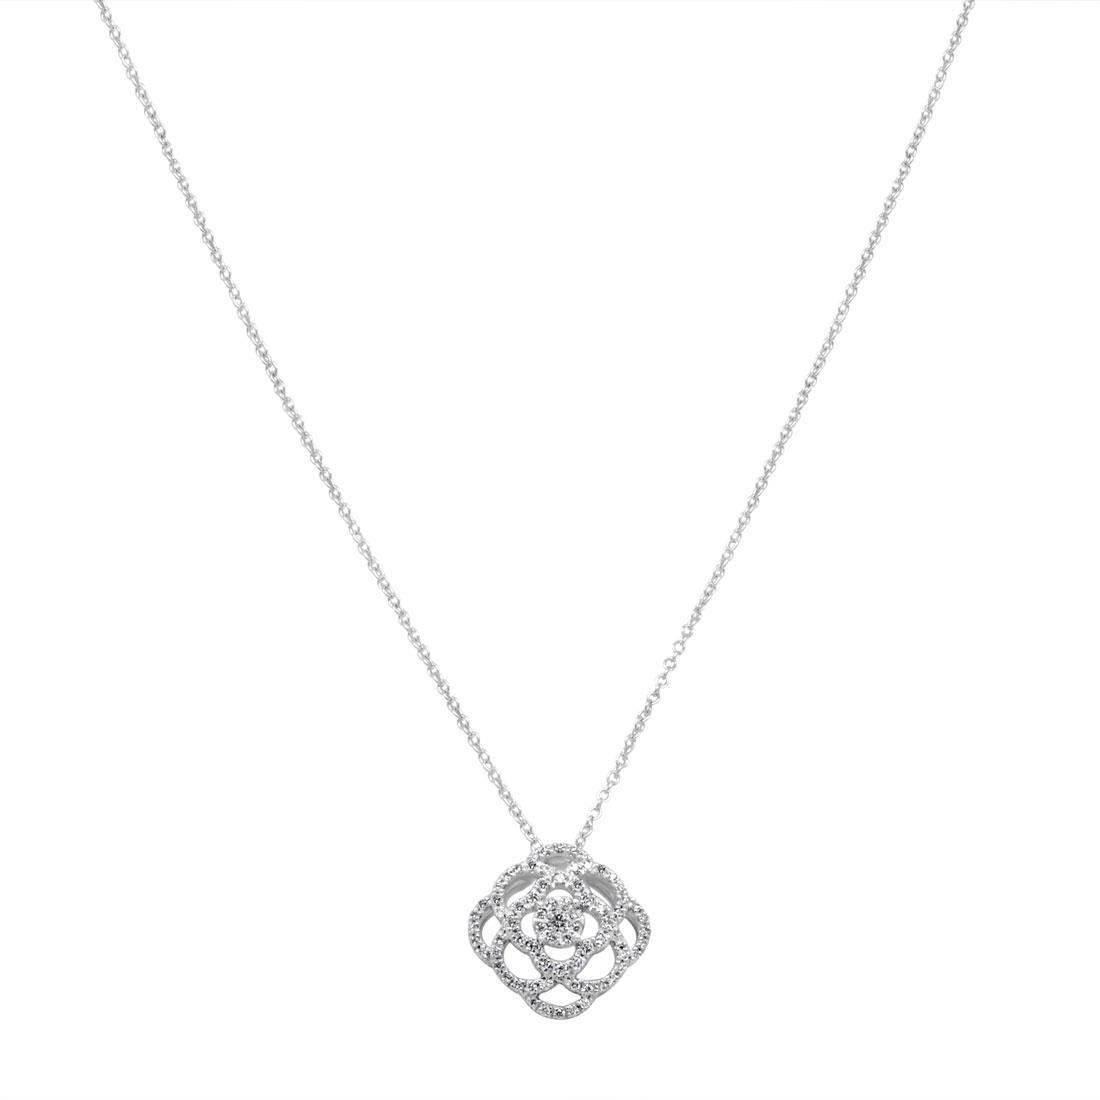 Collana in oro bianco con diamanti 0.37 ct - BLISS